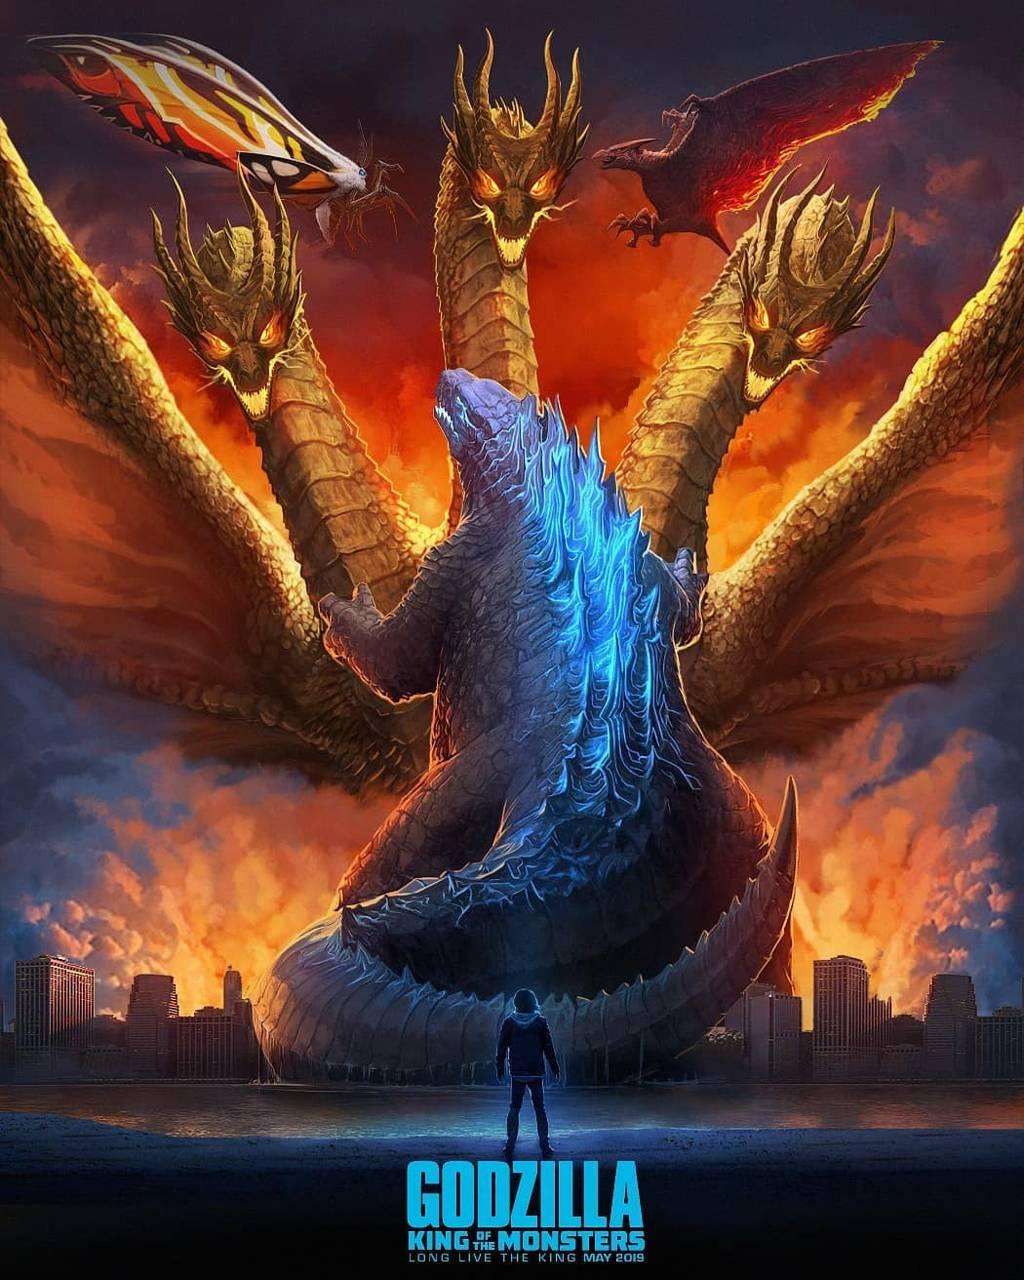 Godzilla Wallpaper By Pr1m3r 4f Free On Zedge